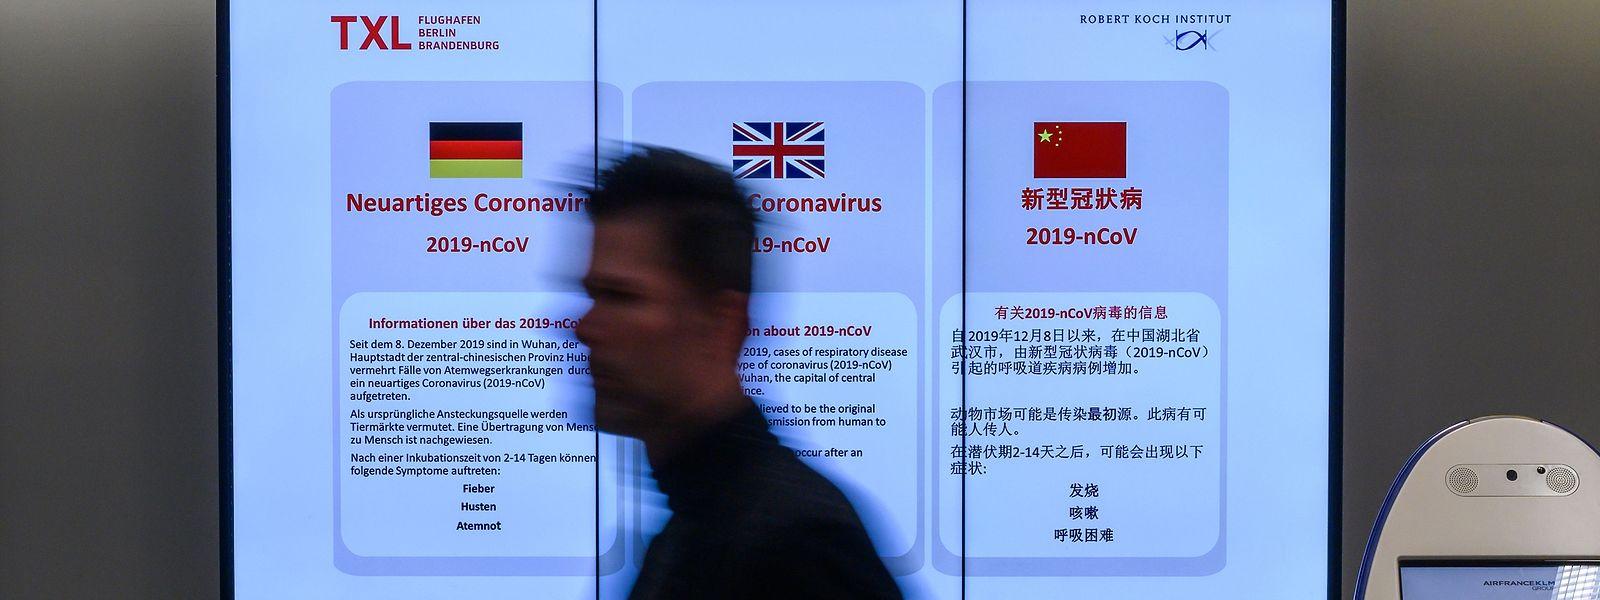 Informação sobre o novo vírus no aeroporto de Berlim.